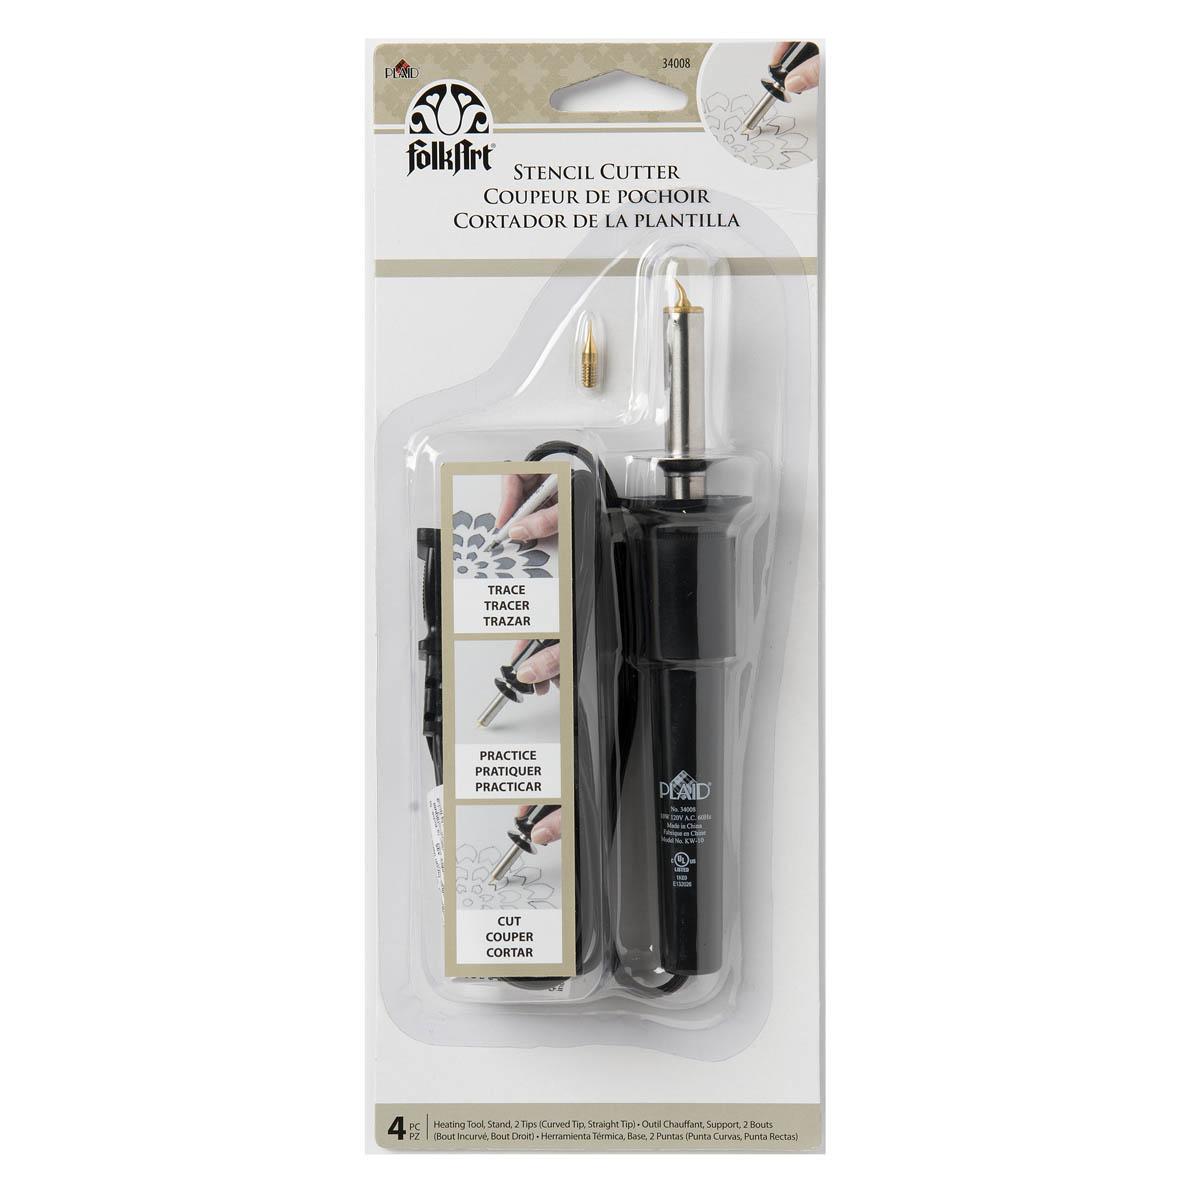 FolkArt ® Painting Tools - Stencil Cutter - 34008